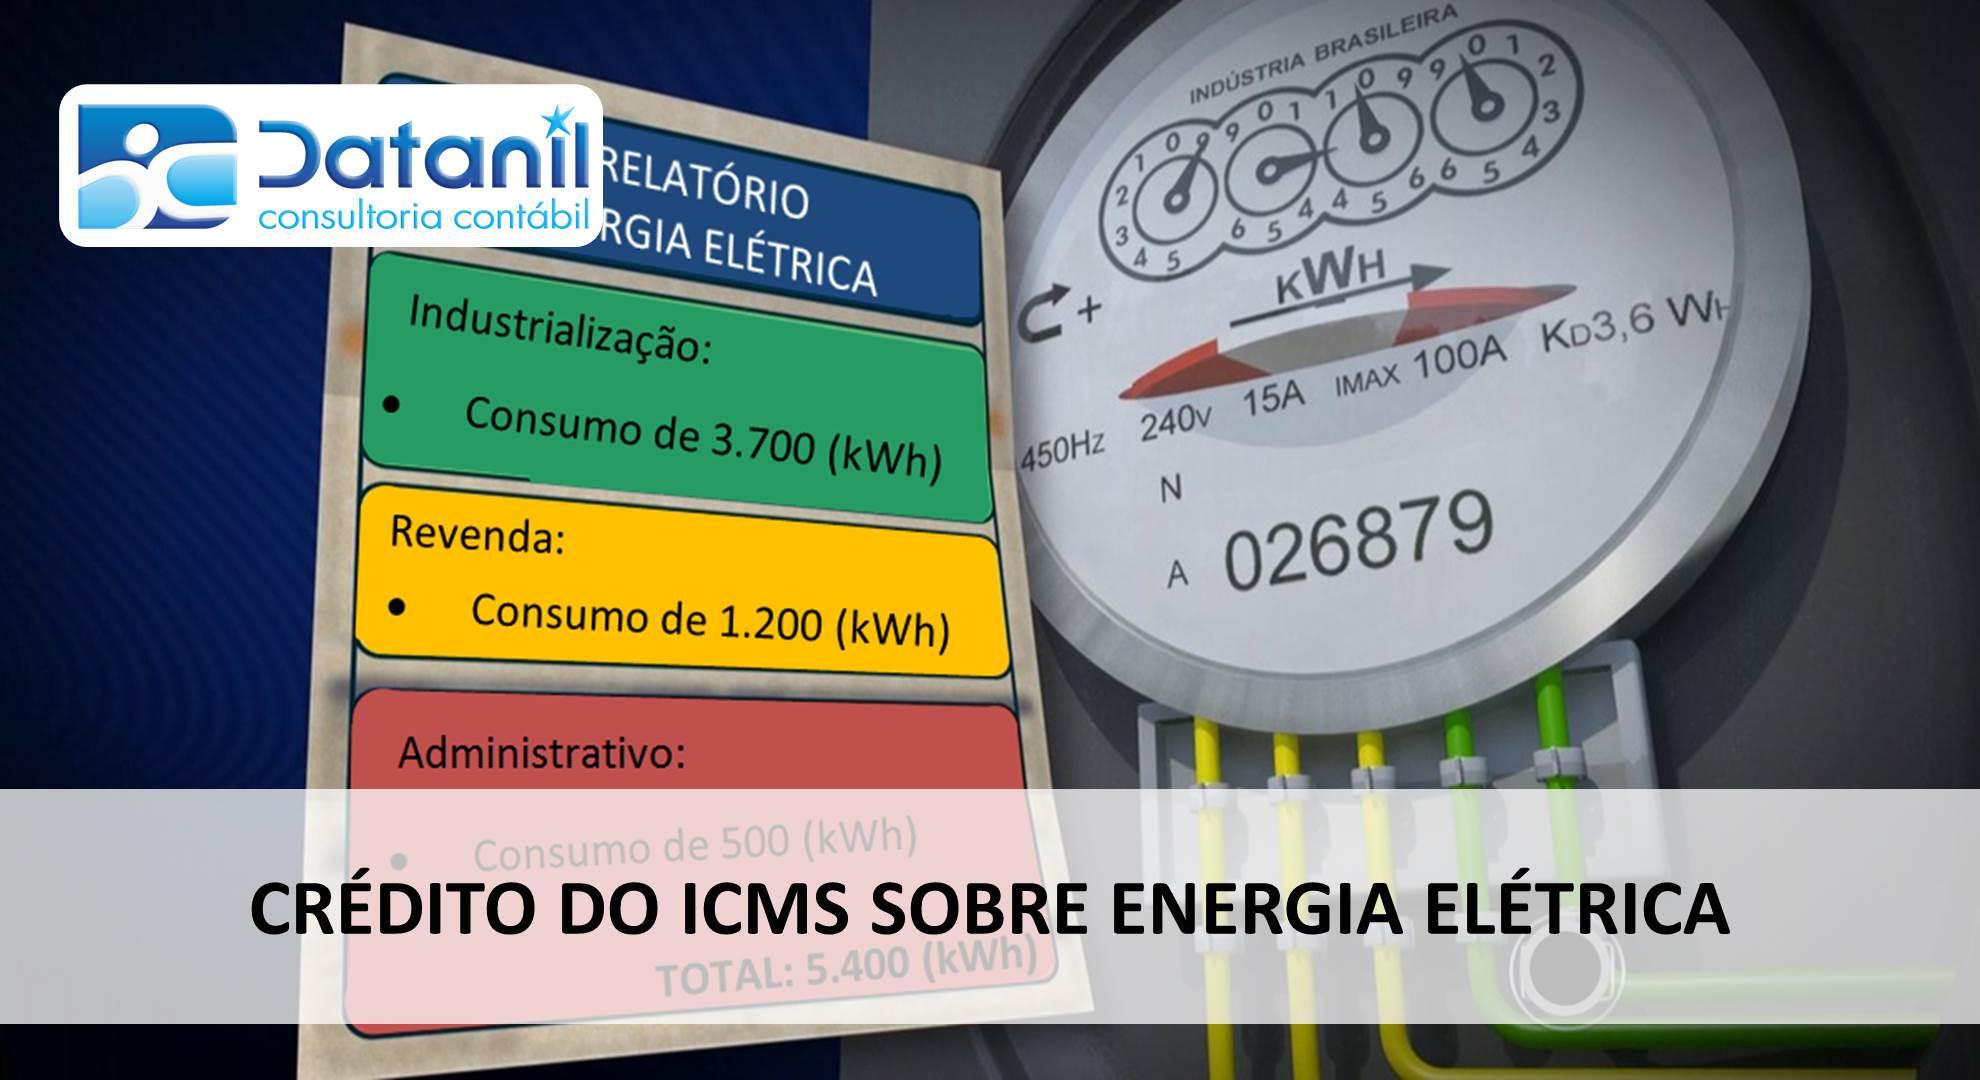 Crédito Do ICMS Sobre Energia Elétrica